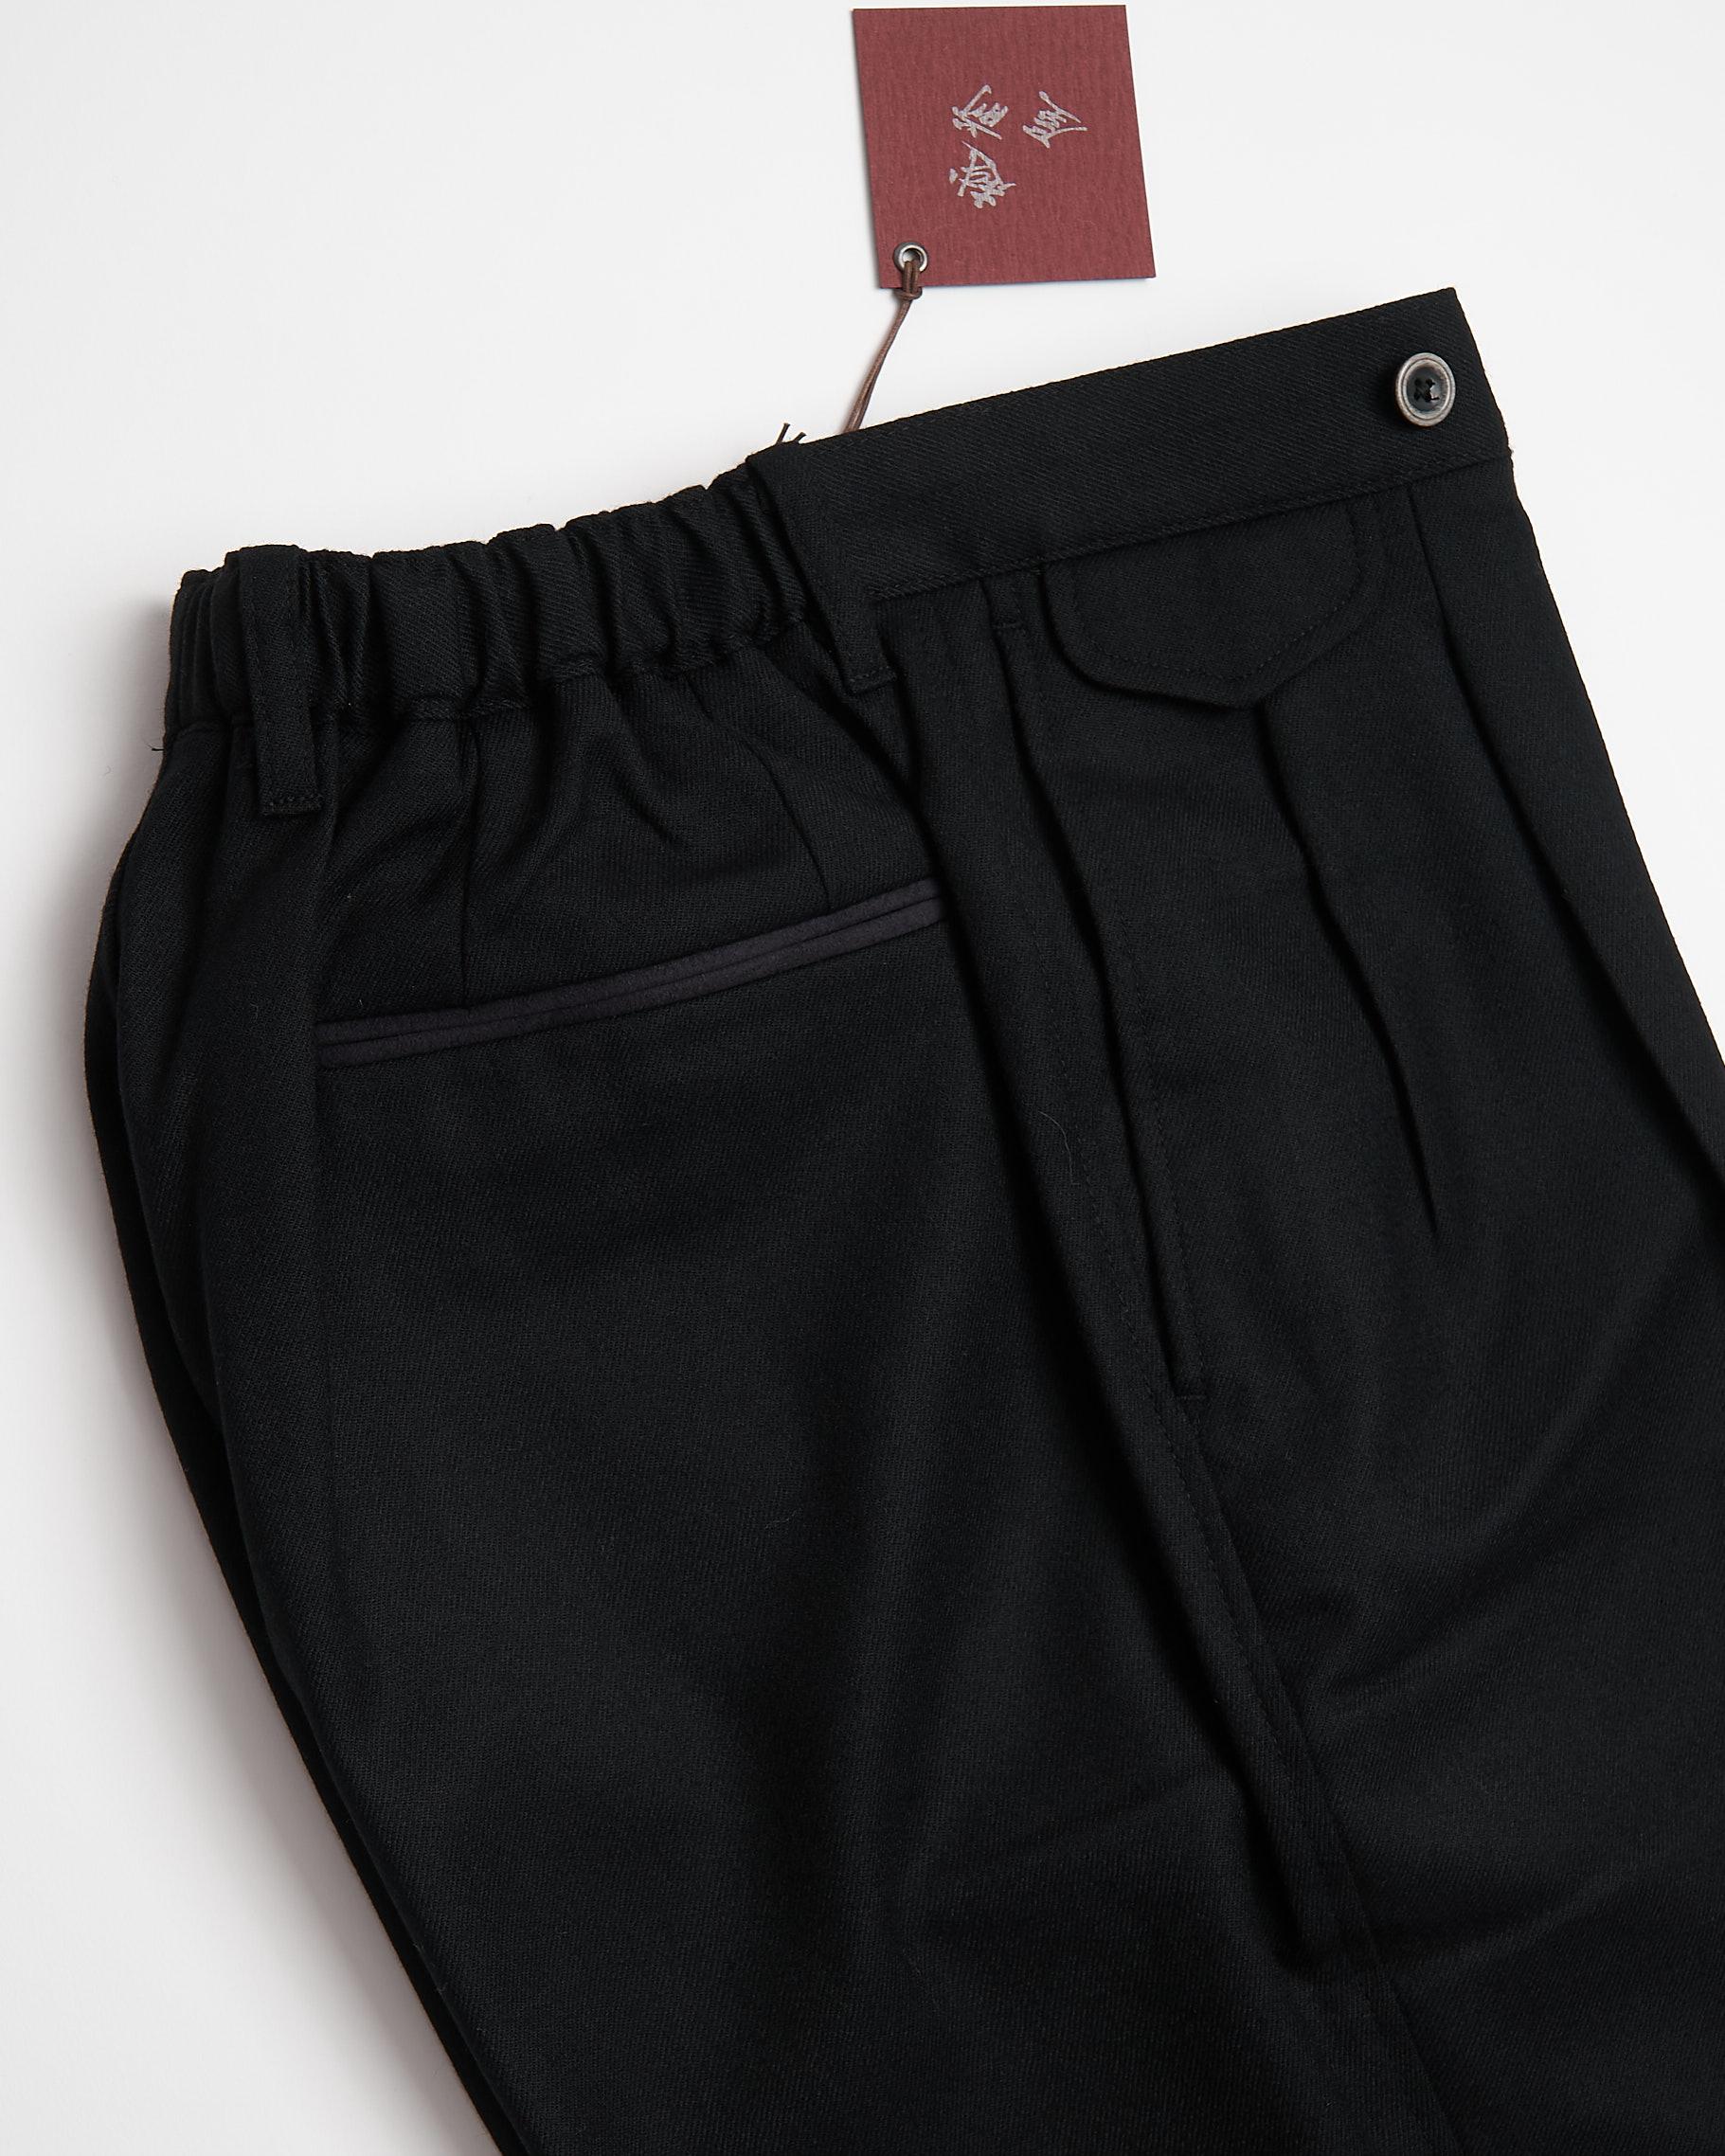 Echizenya Pants Model 749F